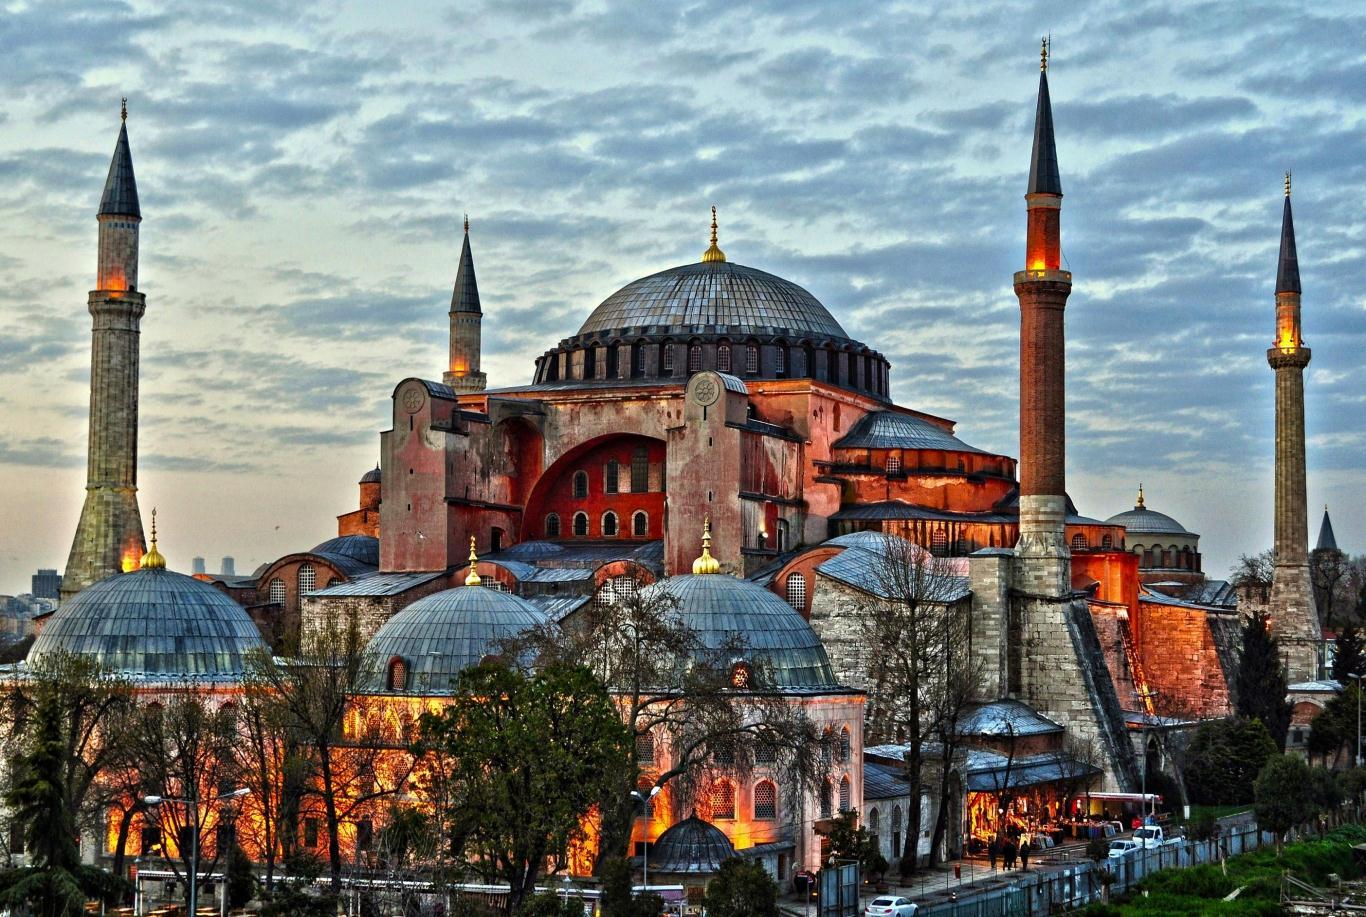 Khám phá 5 điểm đến hấp dẫn nhất Thổ Nhĩ Kỳ